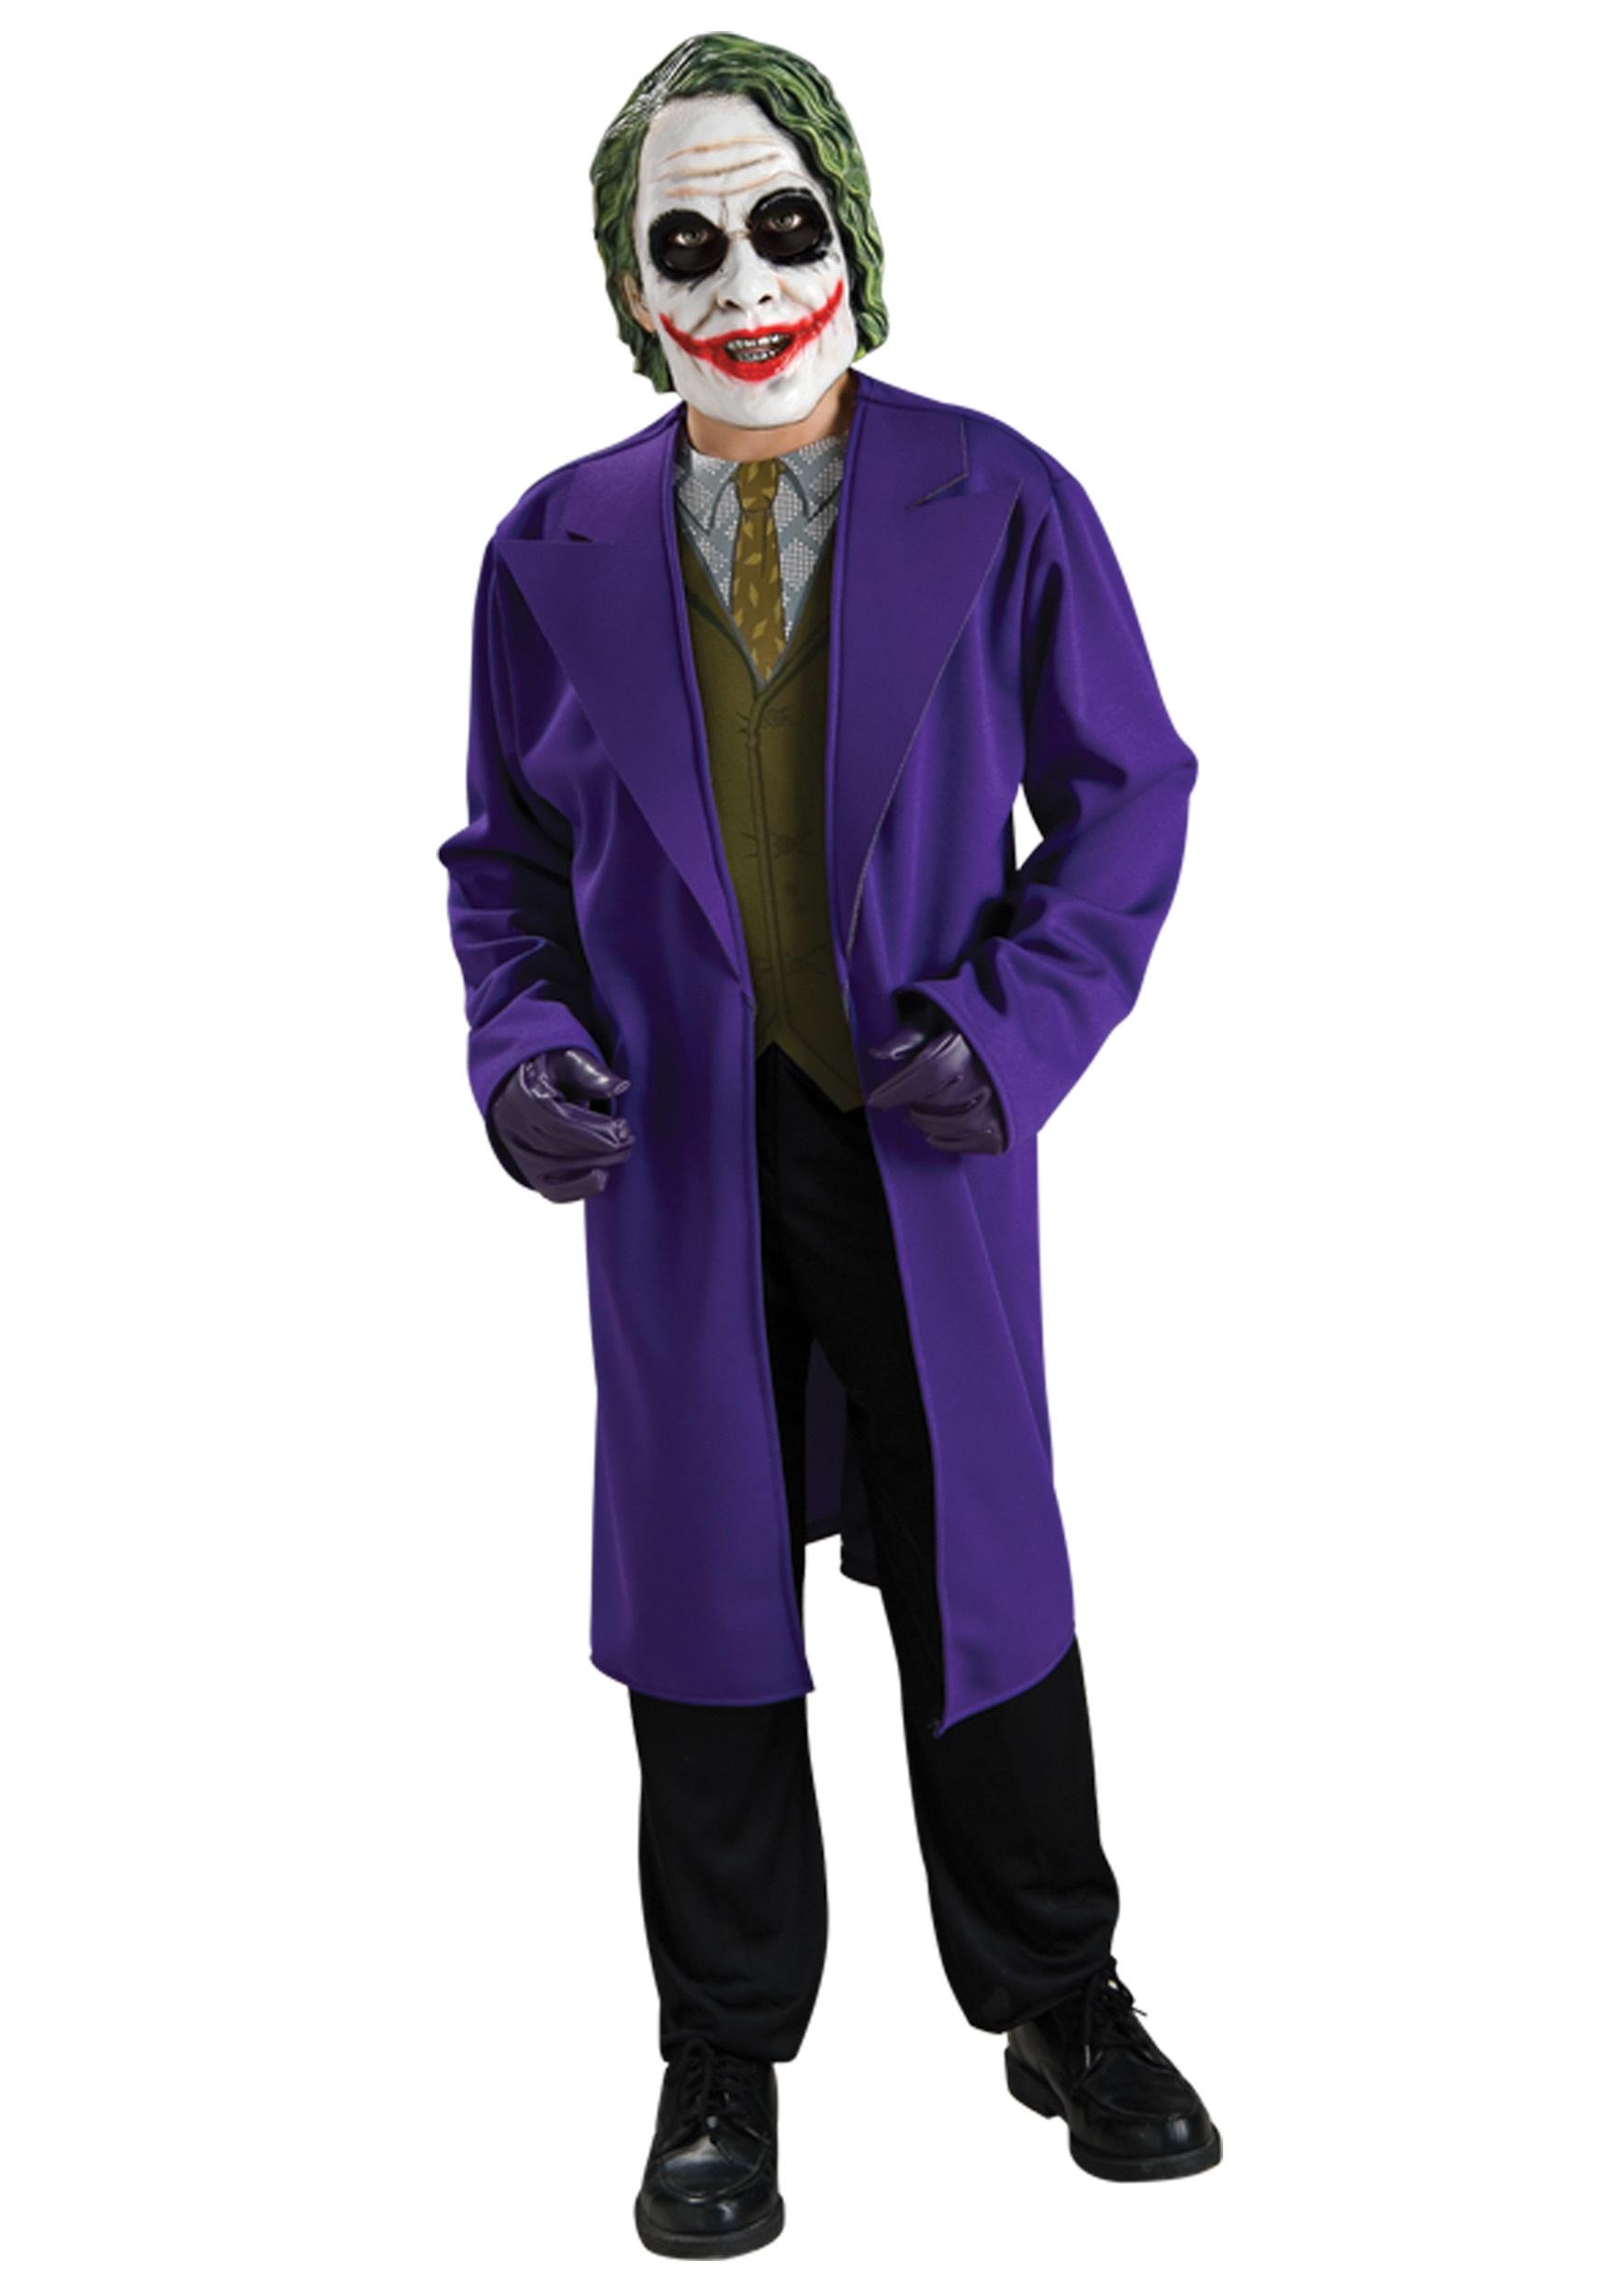 Tween Joker Costume | Joker Halloween Costume for Tweens